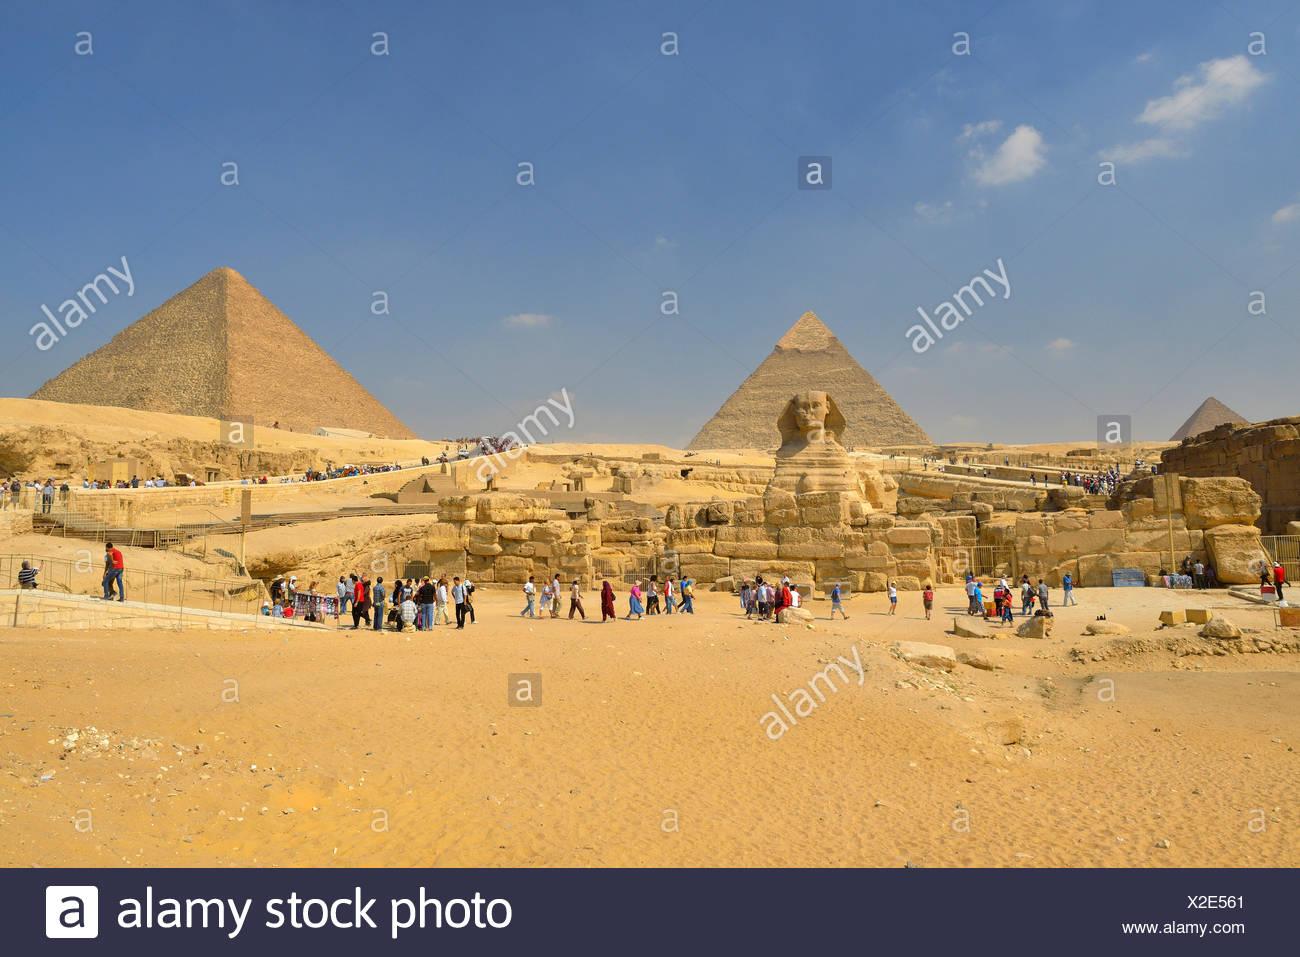 Grand Sphinx de Gizeh, pyramides de Gizeh, Le Caire, Egypte, Moyen-Orient, Afrique du Nord, Afrique Photo Stock